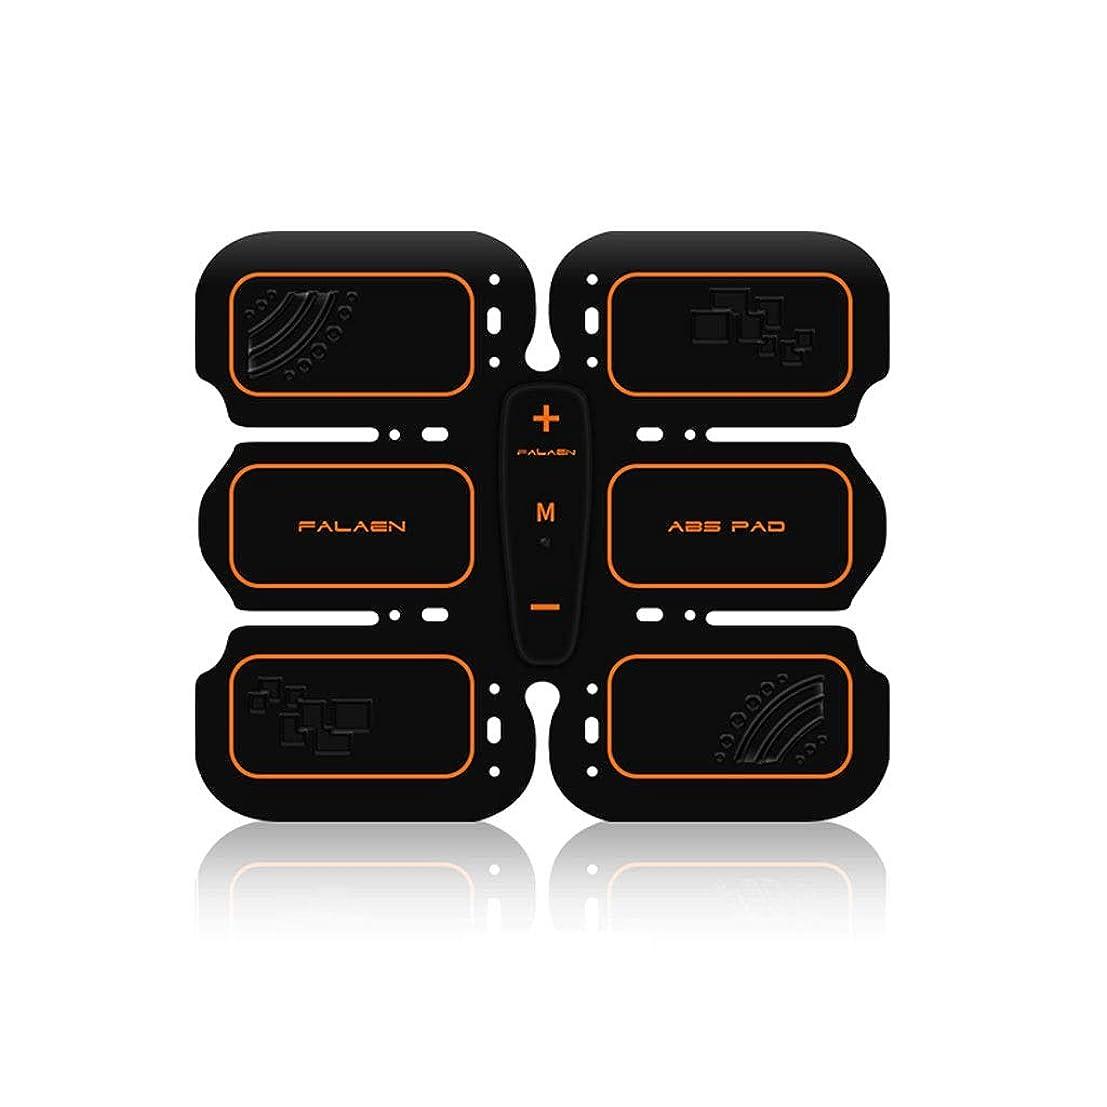 成長ロッジ最大EMS腹筋トレーナー筋肉刺激ベルト、リズムと充電式腹部筋肉トナーベルト男性と女性のためのソフトインパルスモードデザイン (Size : Abdominal stickers)